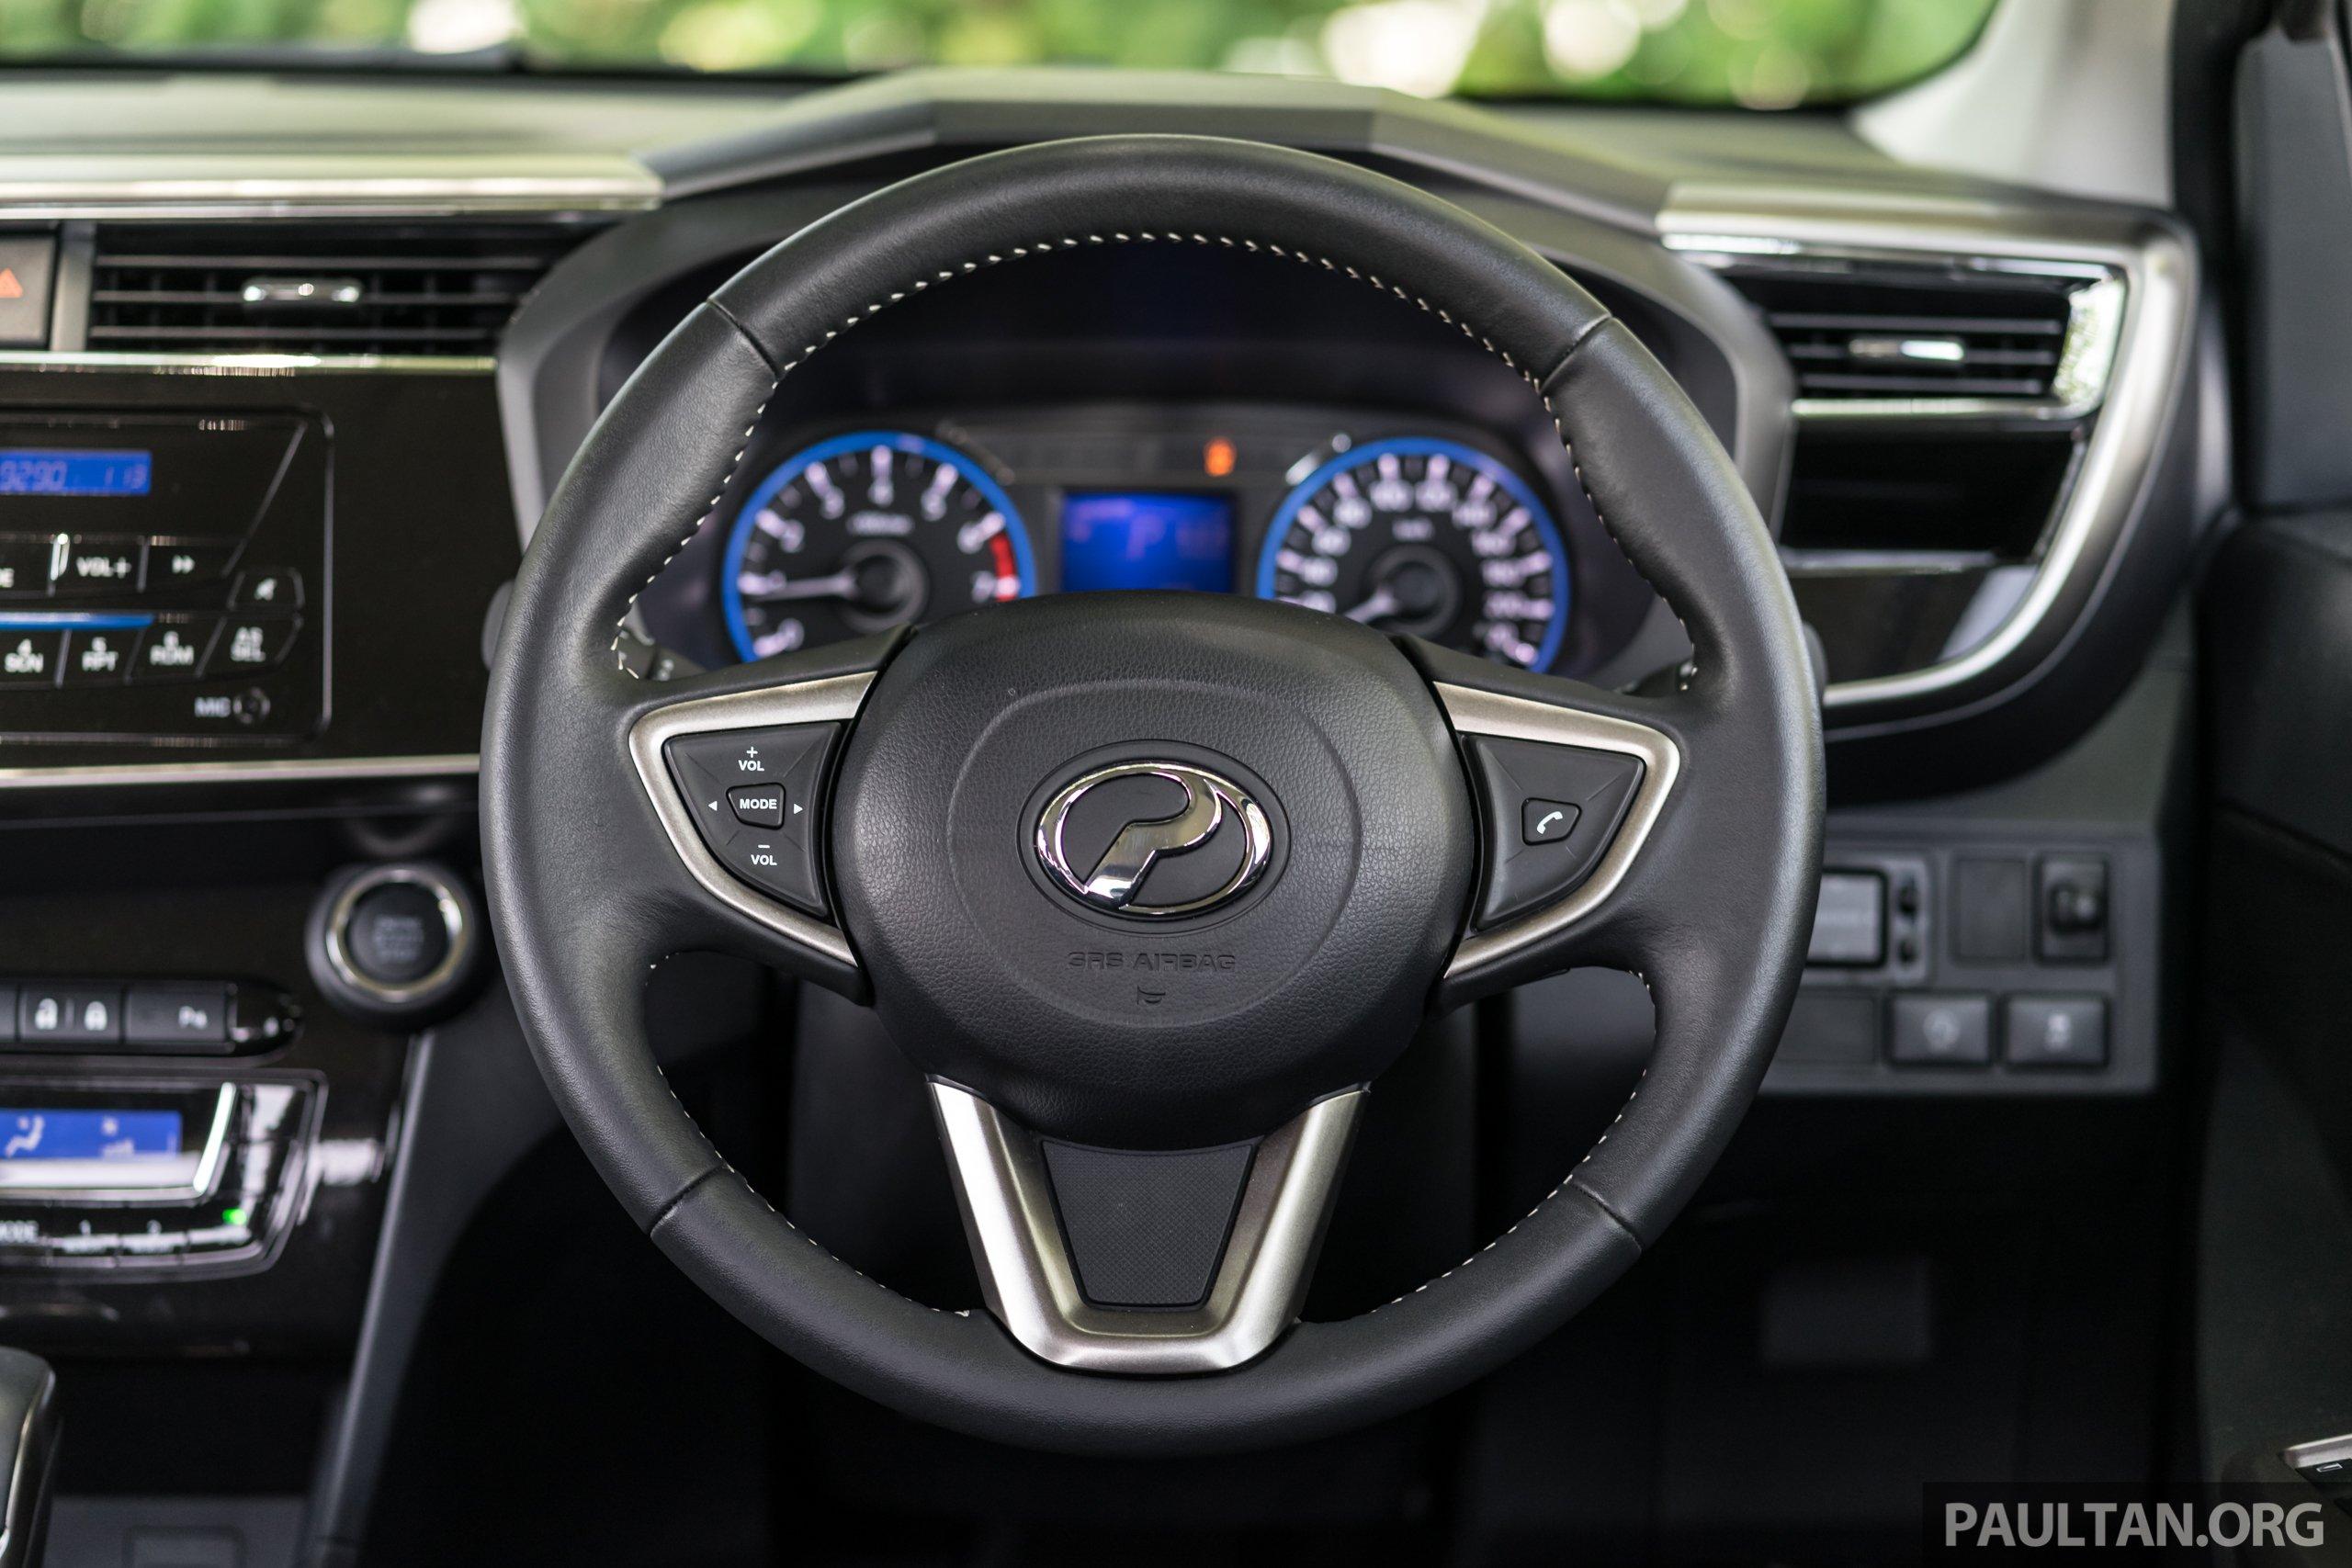 新车图集: Perodua Myvi 1.3G 与 1.3X,无需漫长等待交车 2018 Perodua Myvi